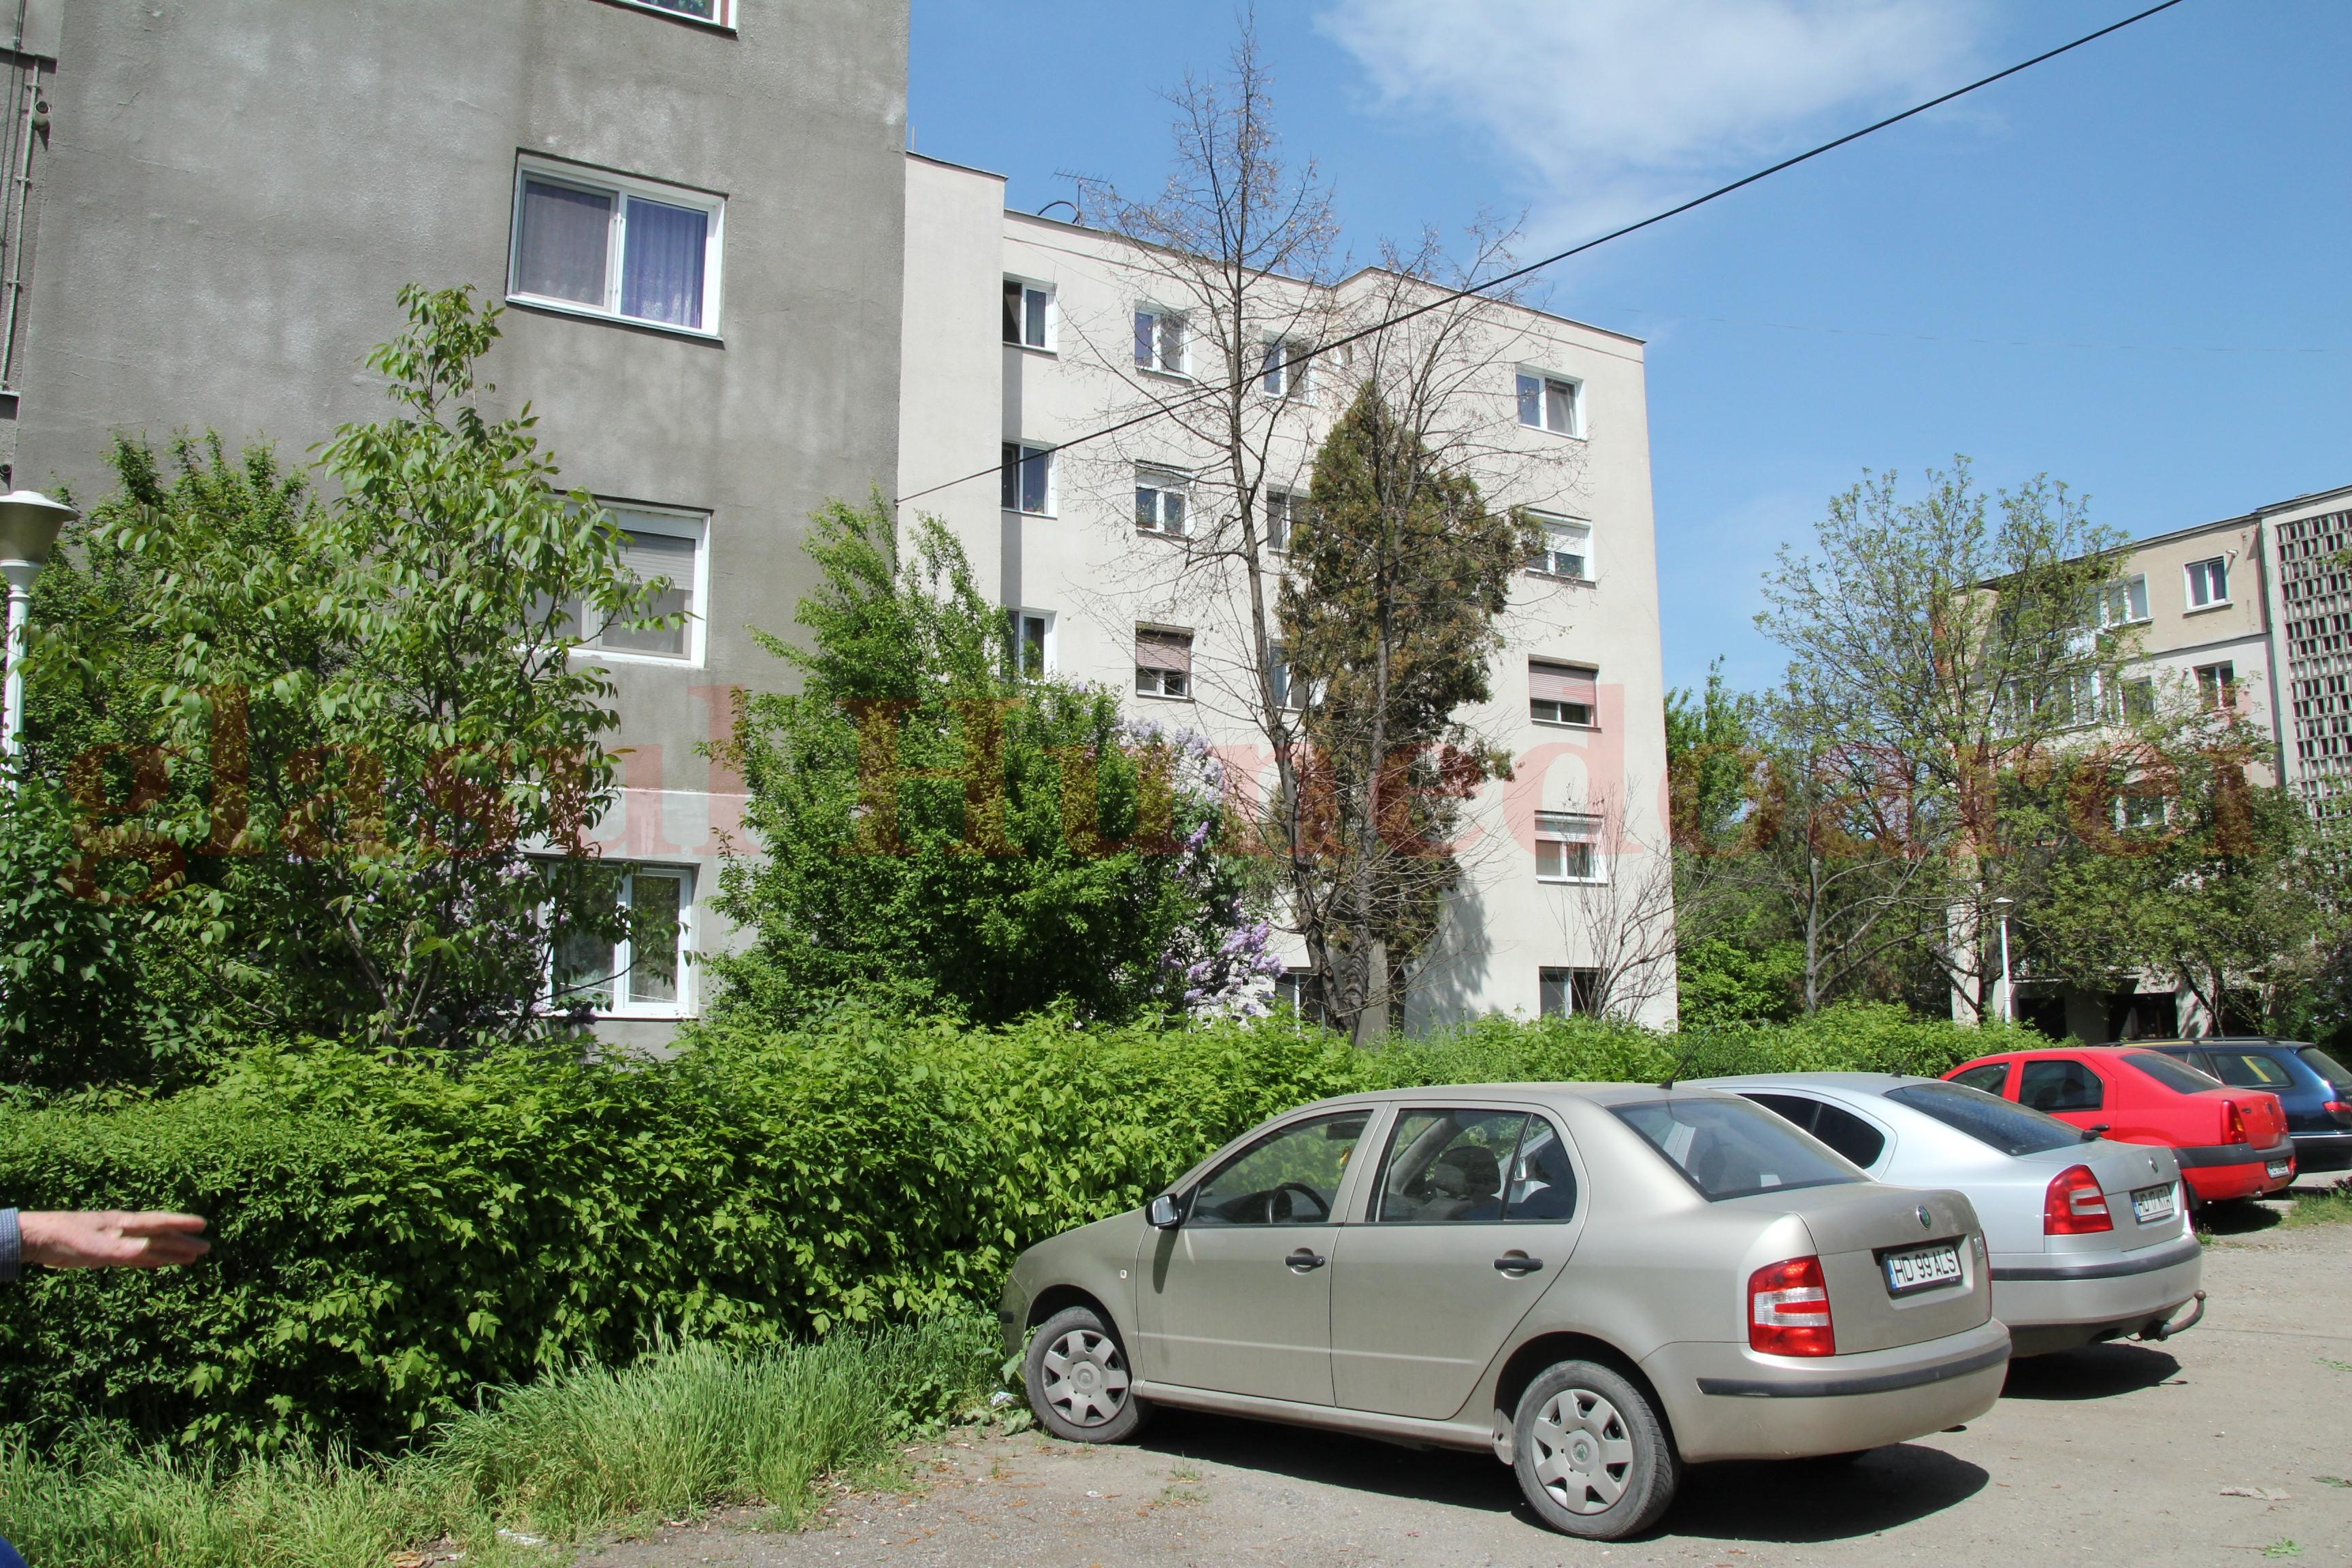 Photo of Falsuri prin omisiune? Primăria Deva vrea să construiască parcări în zonele verzi din municipiu, dar ascunde Mediului acest lucru